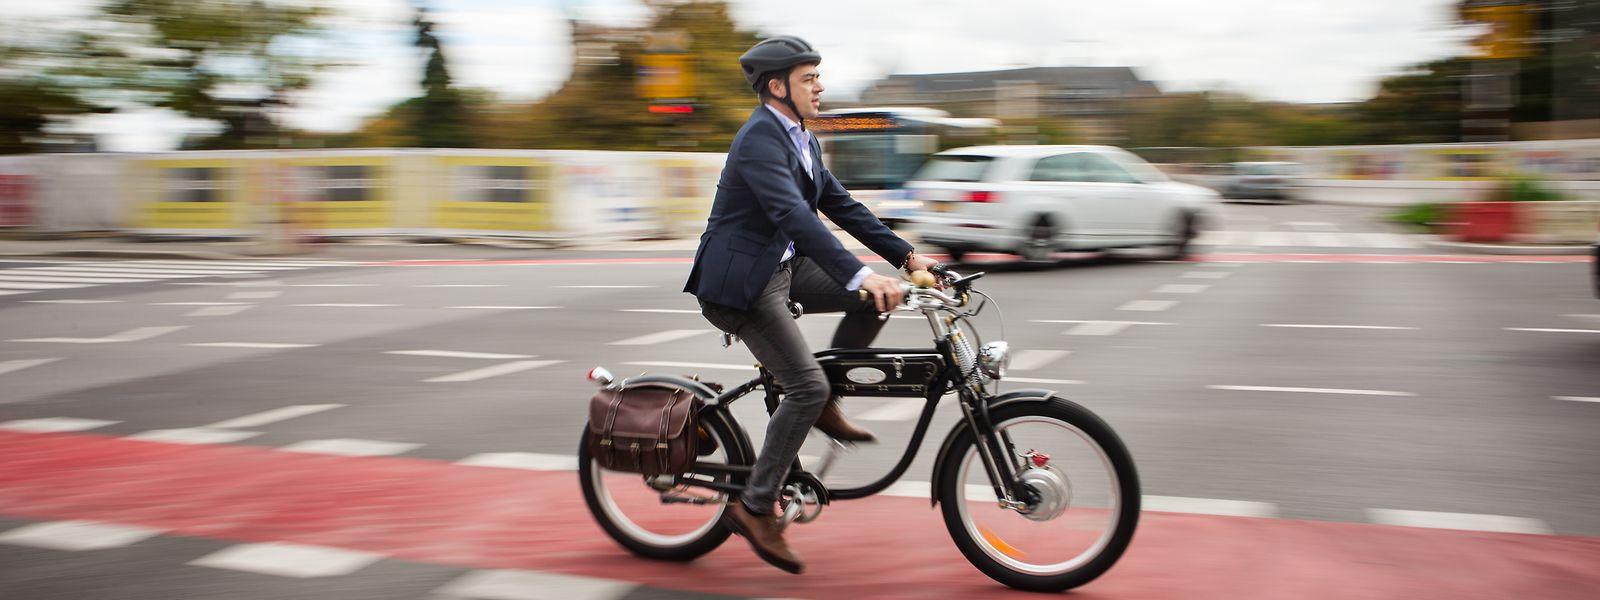 Le vélo électrique a gagné en attrait avec la crise sanitaire.